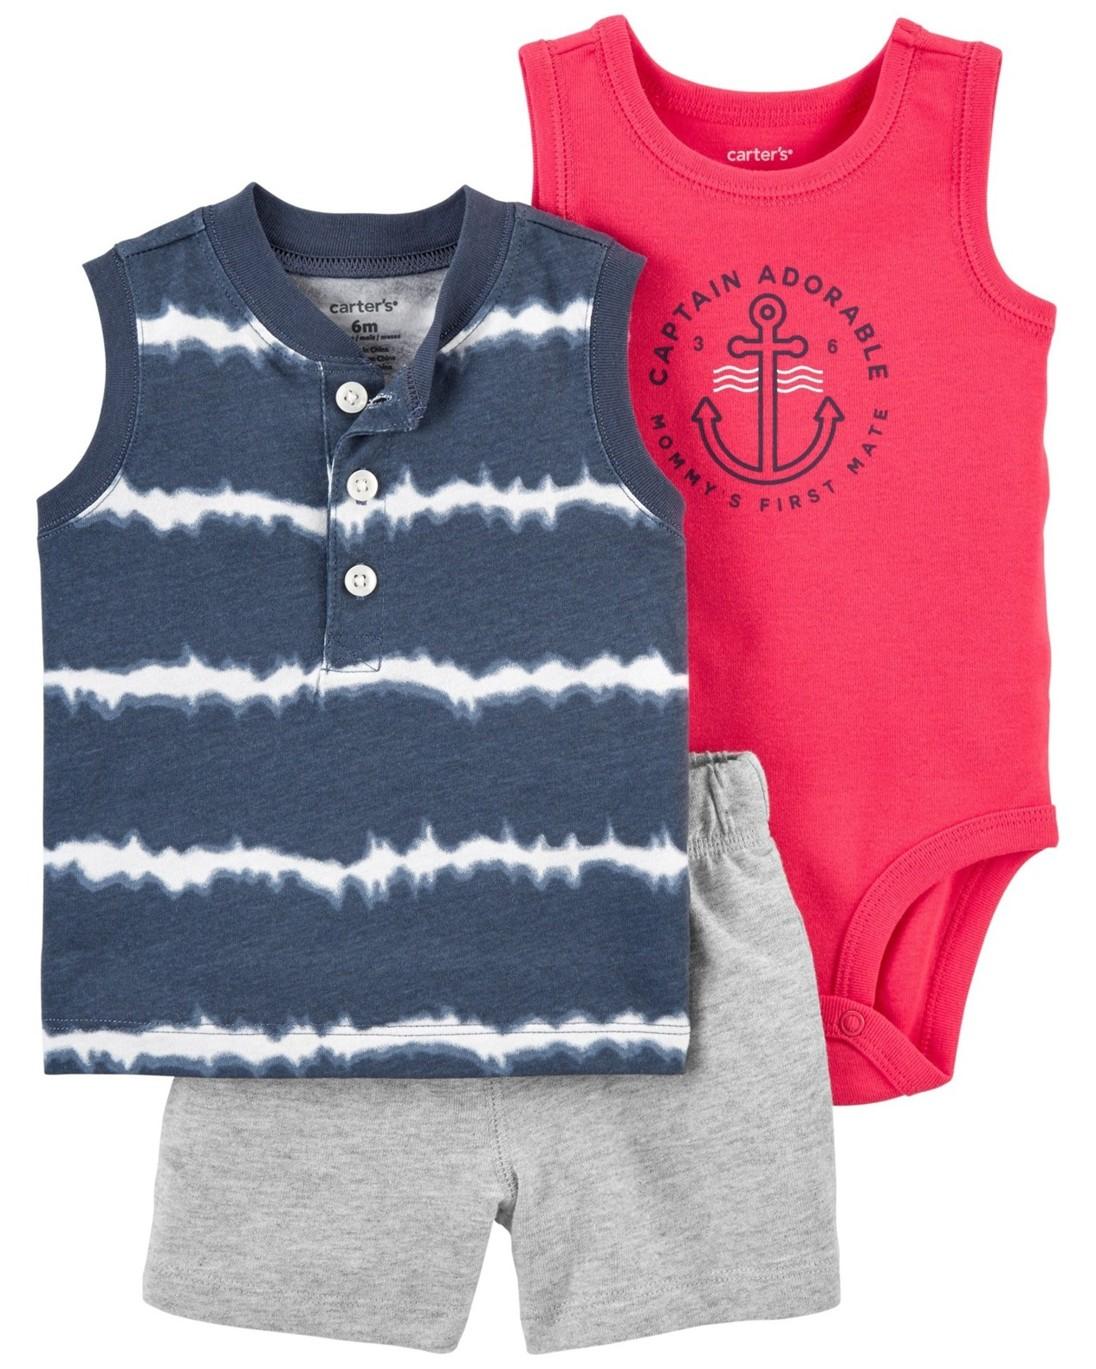 CARTER'S Set 3dielny body tielko, tričko bez rukávov, nohavice kr. Blue Tie chlapec 12 m, veľ. 80